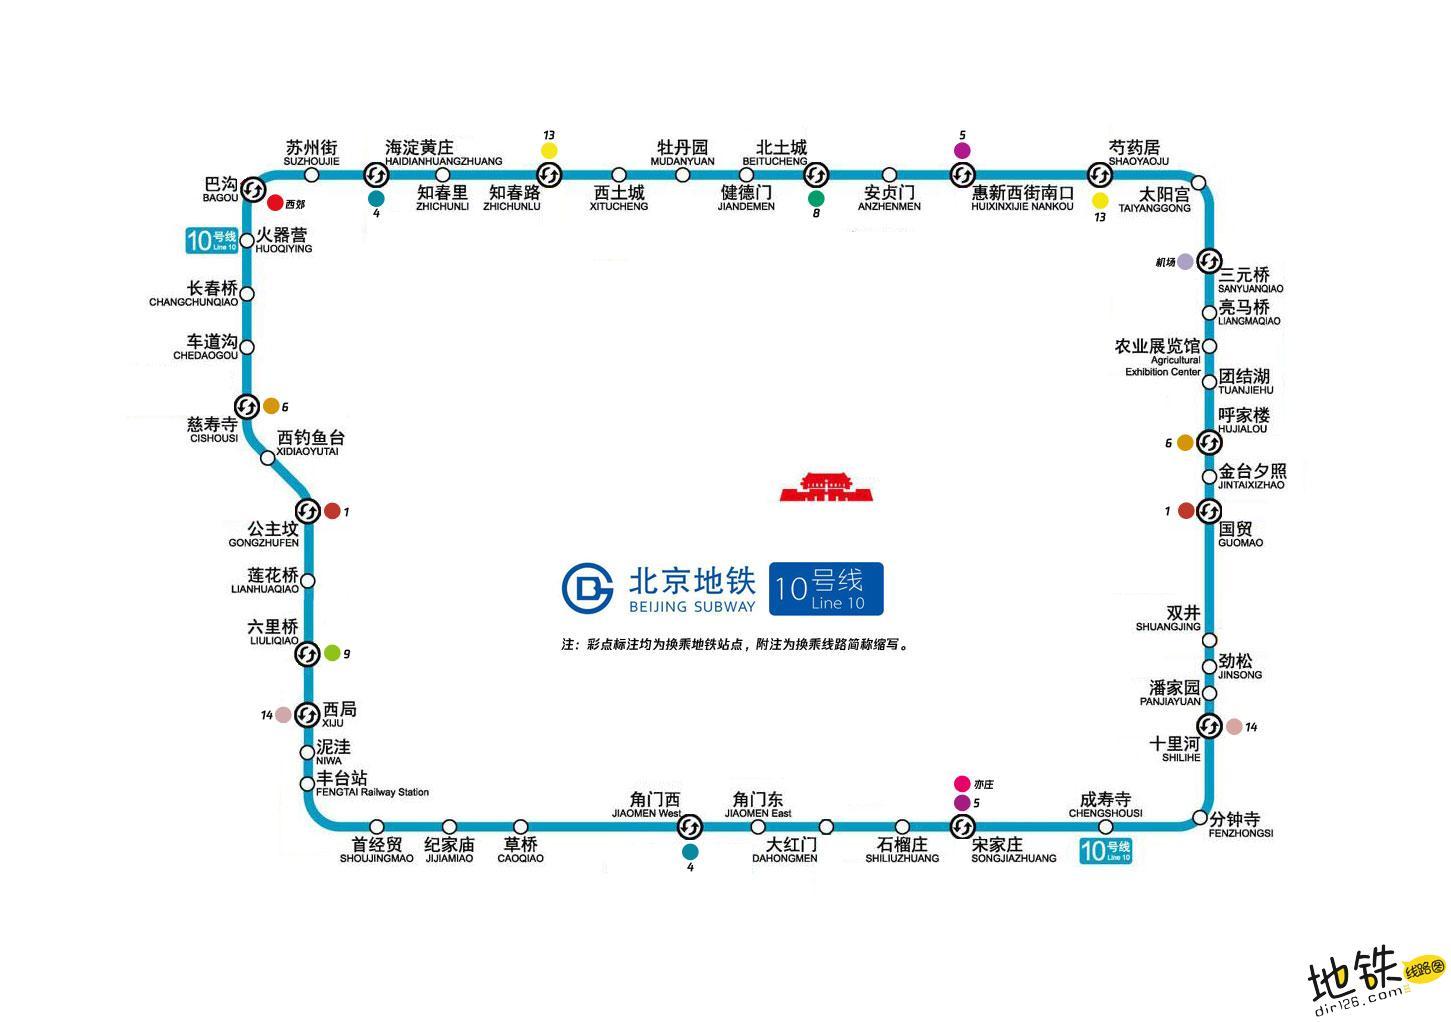 北京地铁10号线线路图 运营时间票价站点 查询下载 北京地铁10号线查询 北京地铁10号线运营时间 北京地铁10号线线路图 北京地铁十号线 北京地铁10号线 北京地铁线路图  第2张